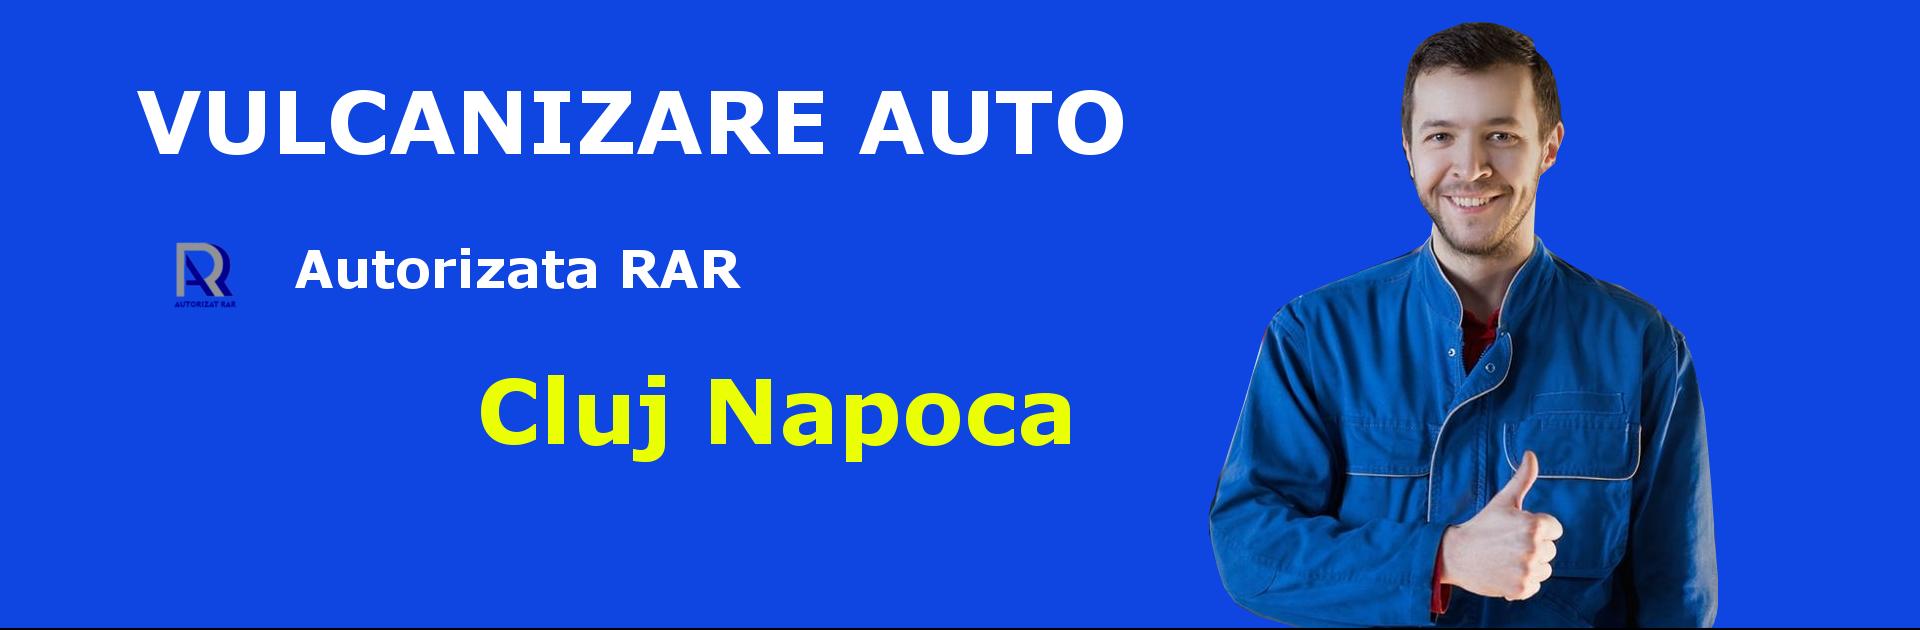 Vulcanizare Cluj Napoca